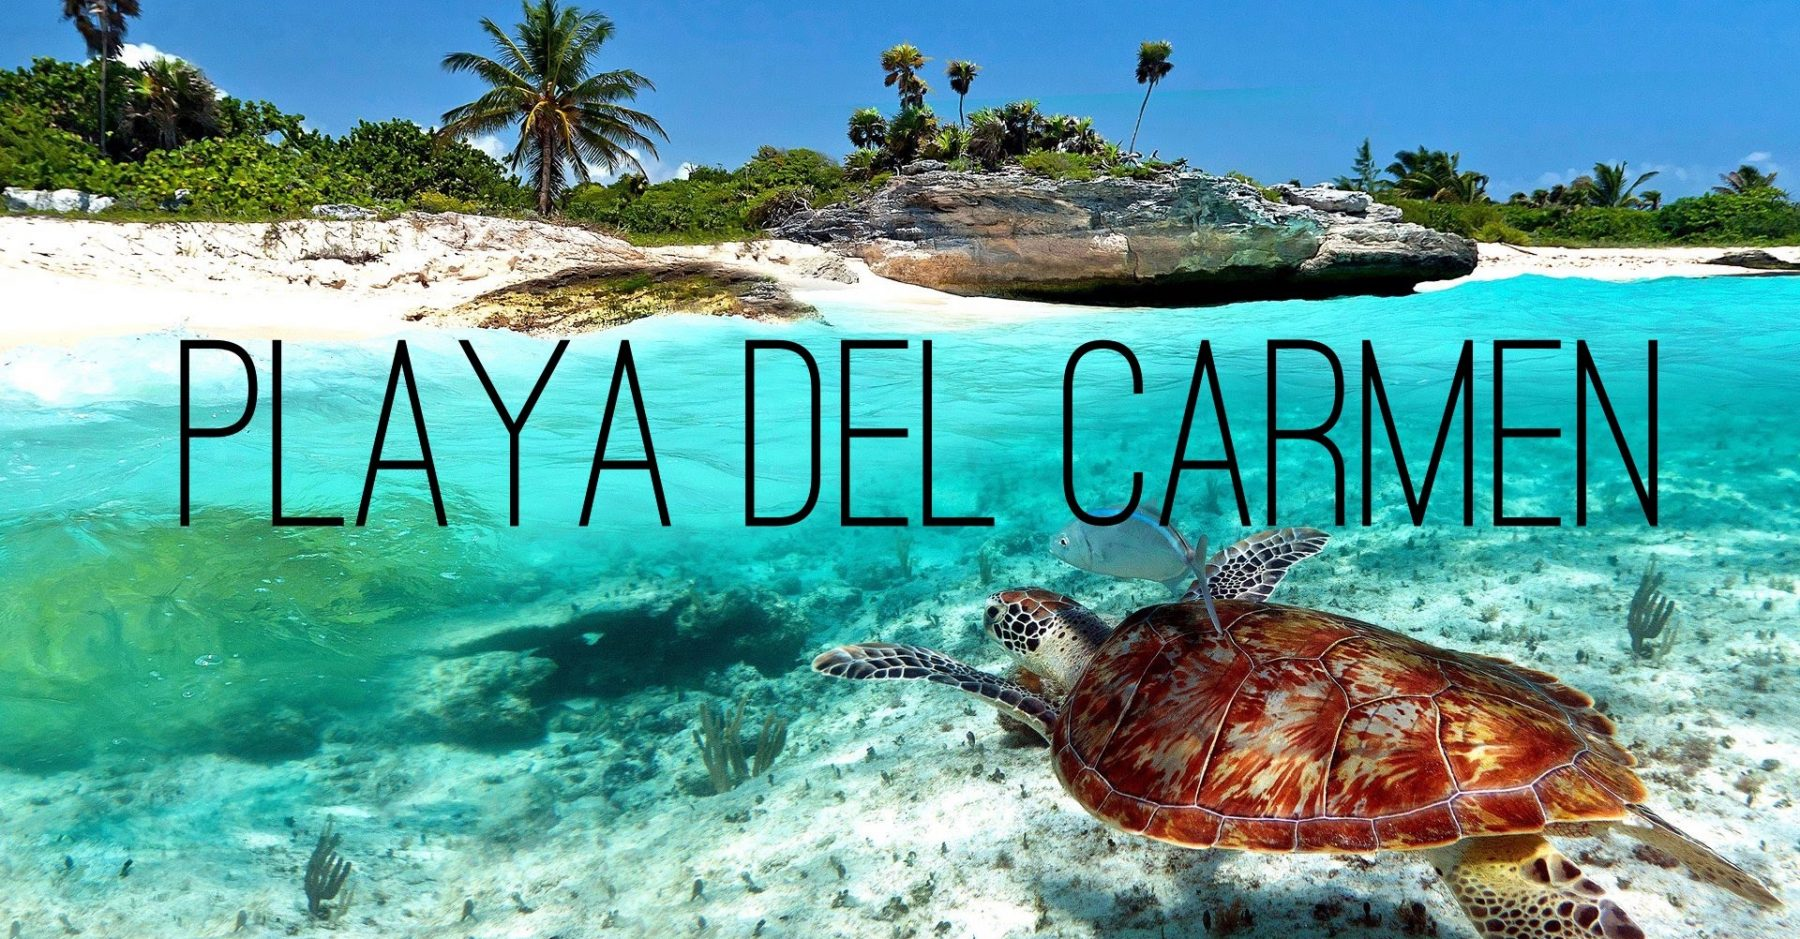 Century 21 Real Estate Playa Del Carmen